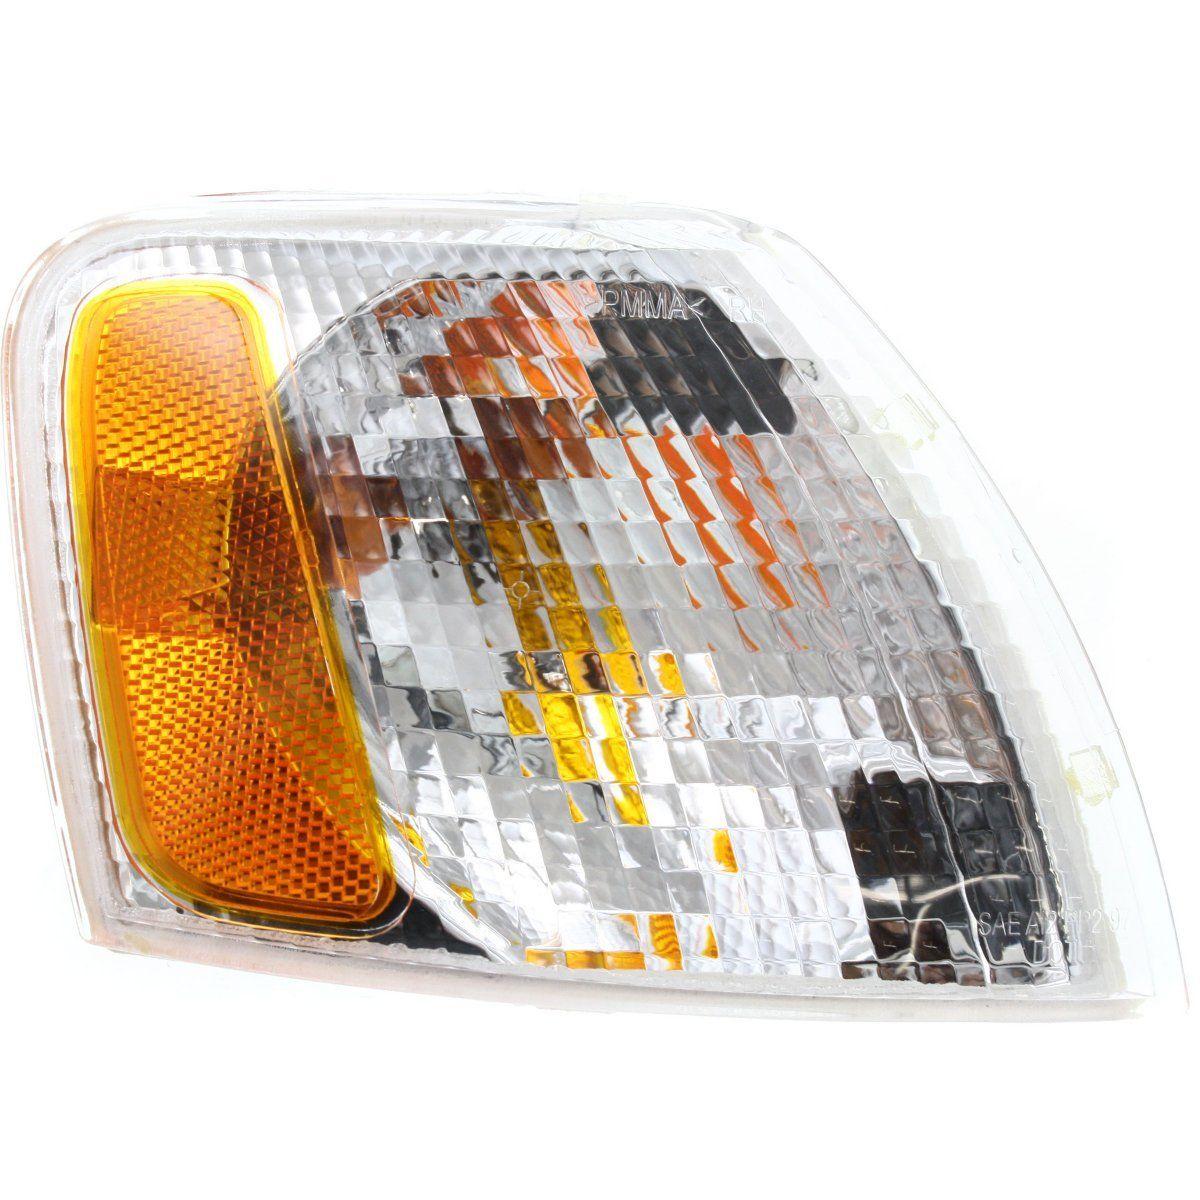 コーナーライト Corner Light For 98-2001 Volkswagen Passat Passenger Side Incandescent w/ Bulb コーナーライト98-221フォルクスワーゲンPassatの乗客側白熱電球